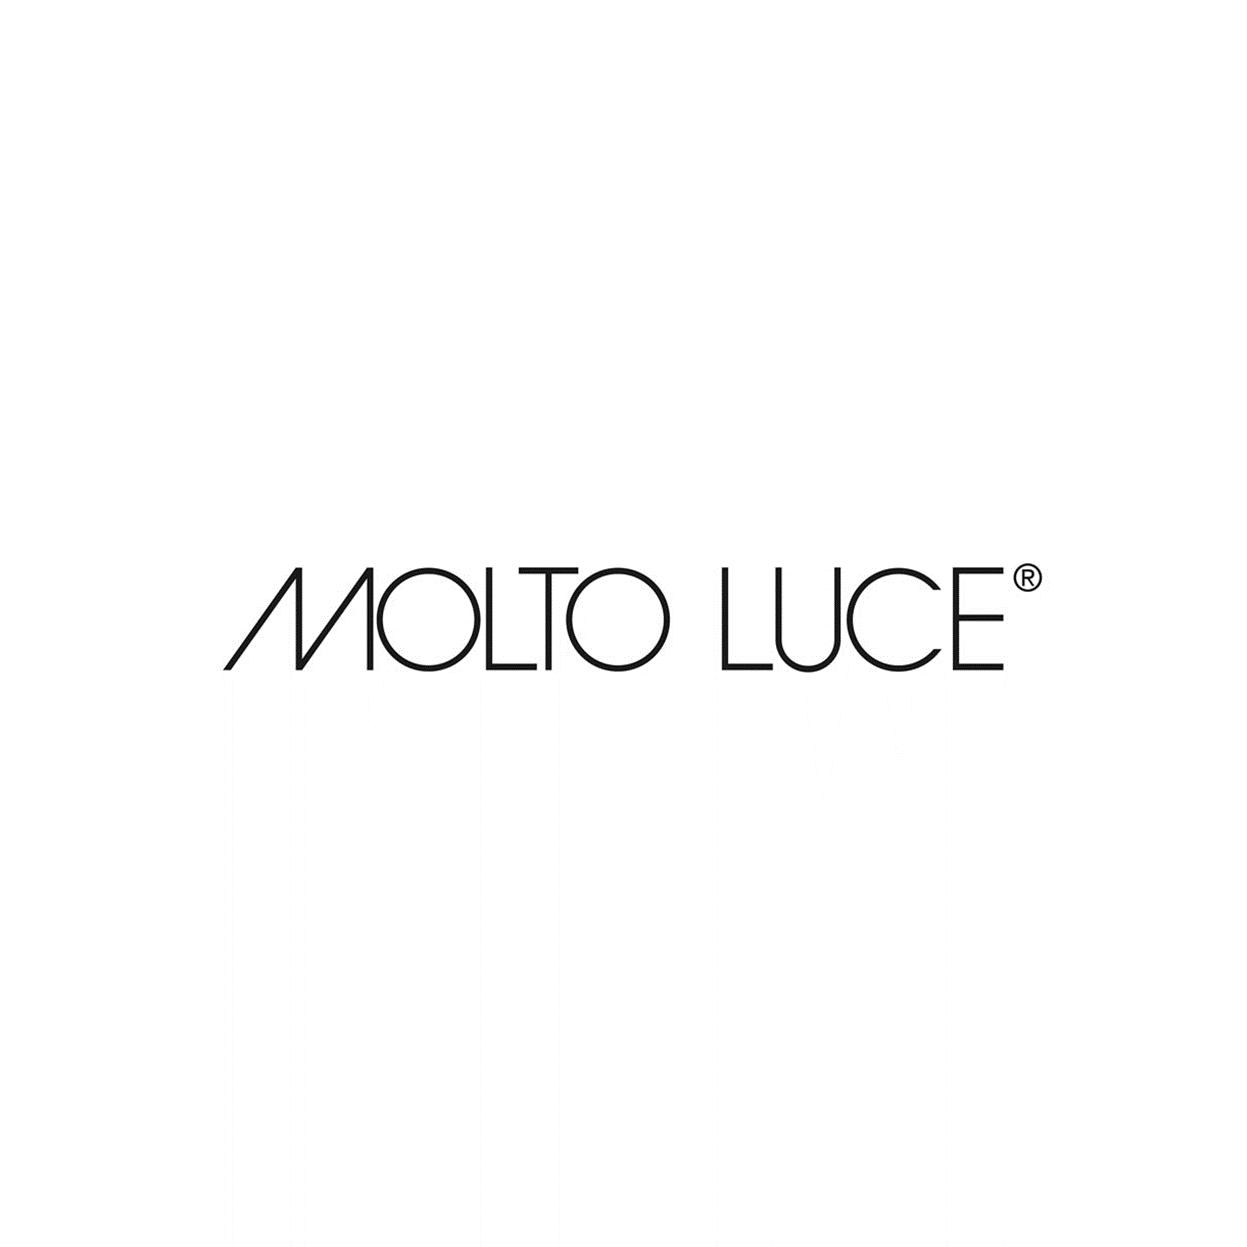 Molto Luce - Objekte Licht & Raum GmbH in Hamburg